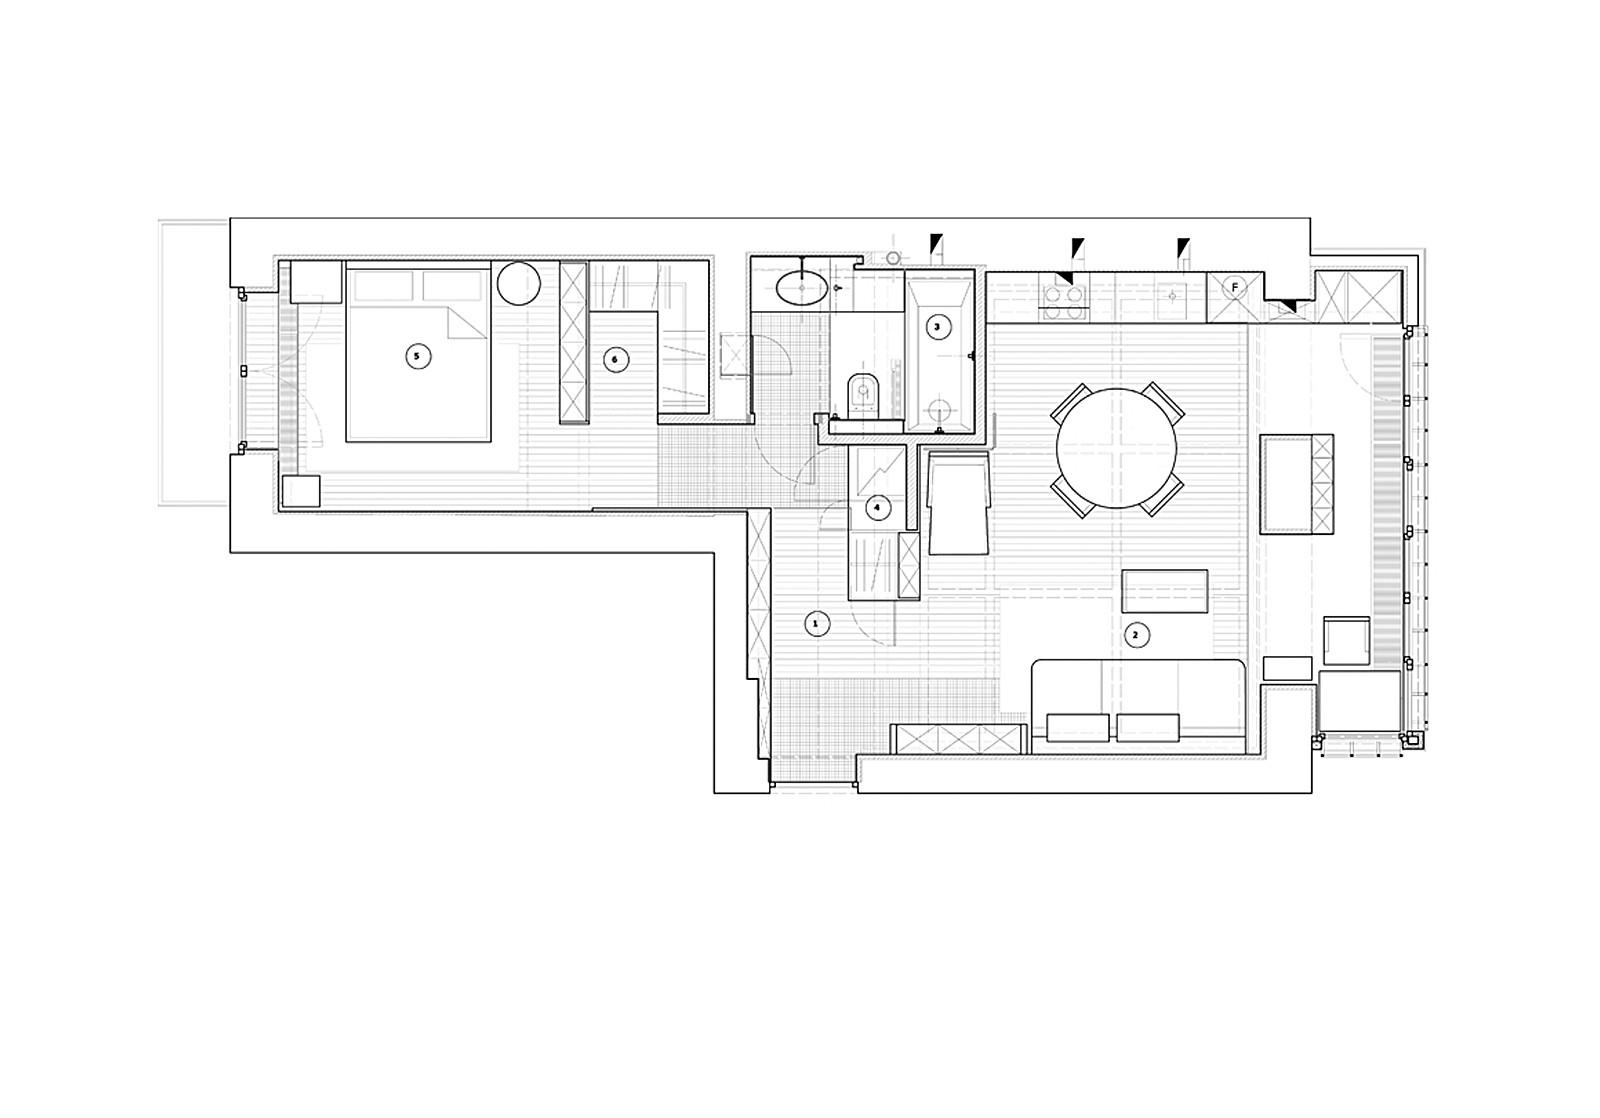 apartament-sas-stilen-interior-v-kiev-50-m-911g